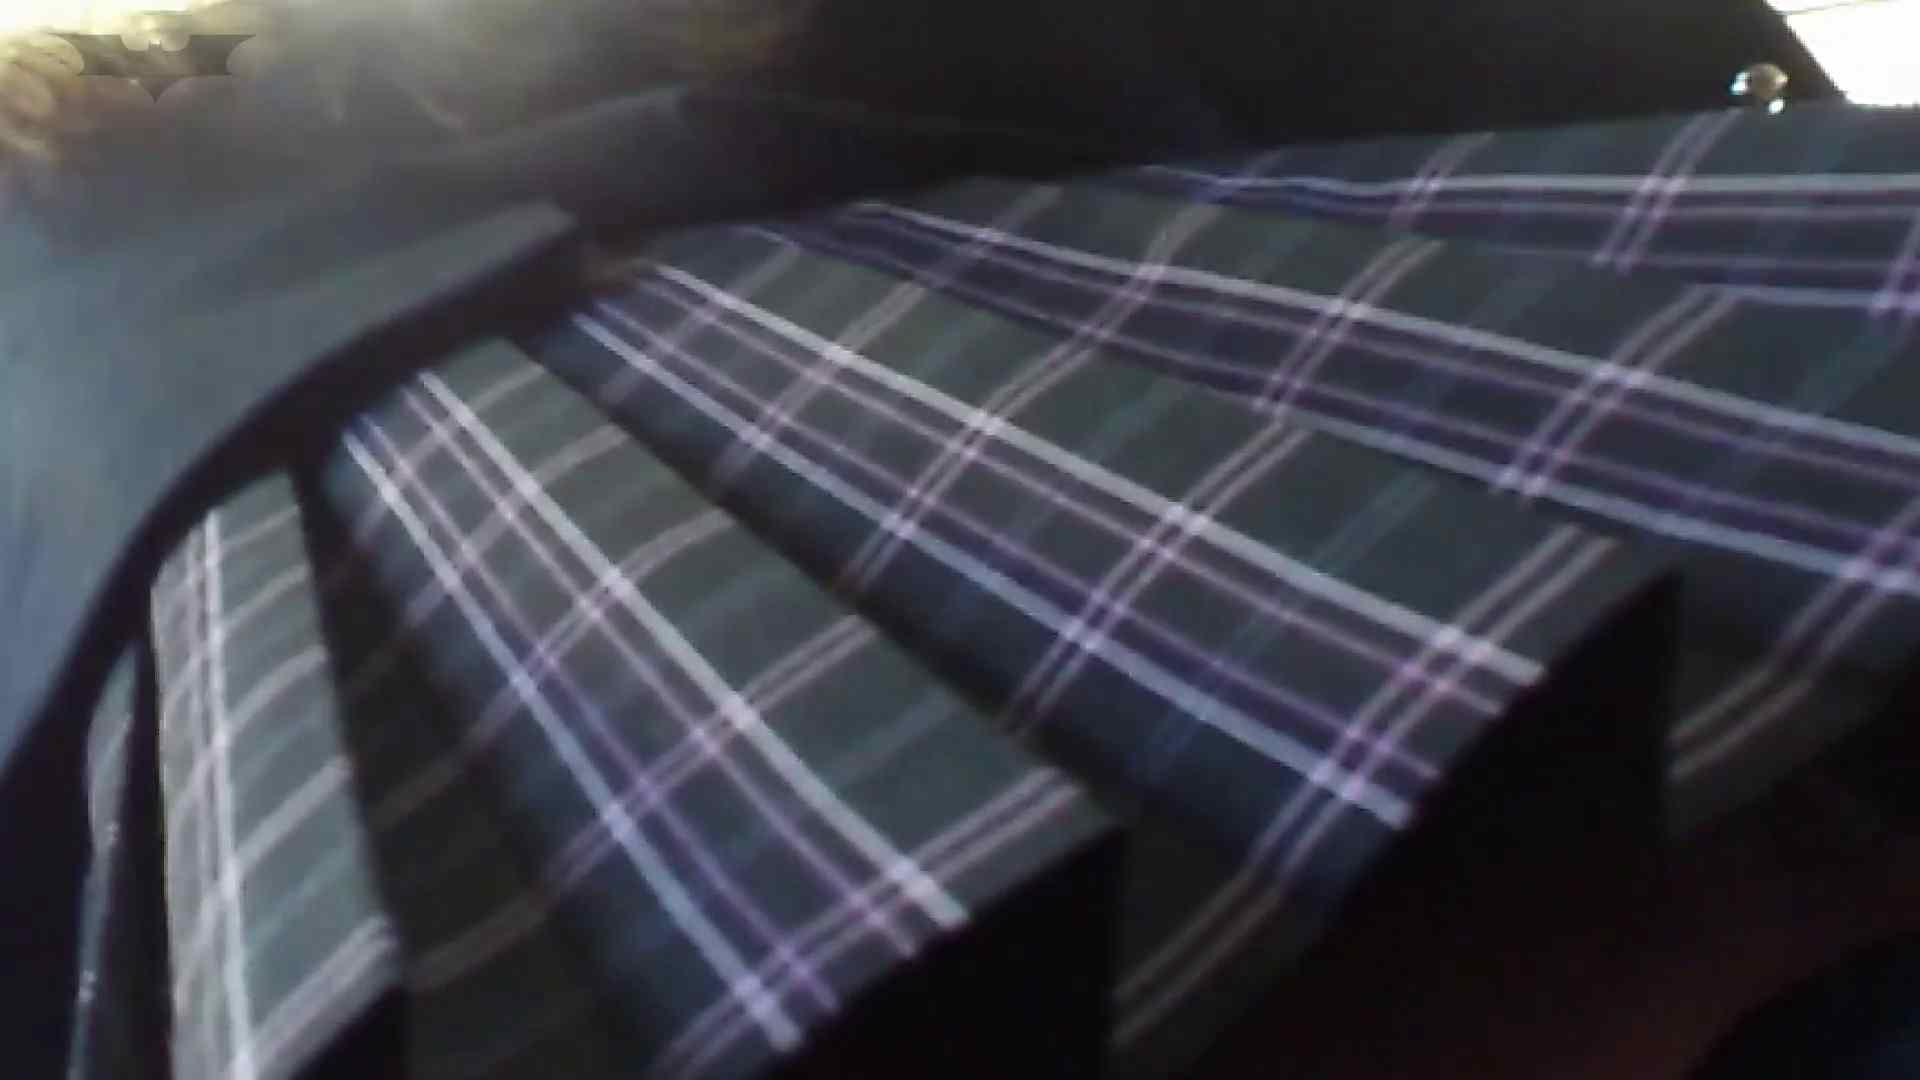 盗撮列車 Vol.14 お嬢様のバックプリントパンツ 隠れた名作 AV動画キャプチャ 99枚 63